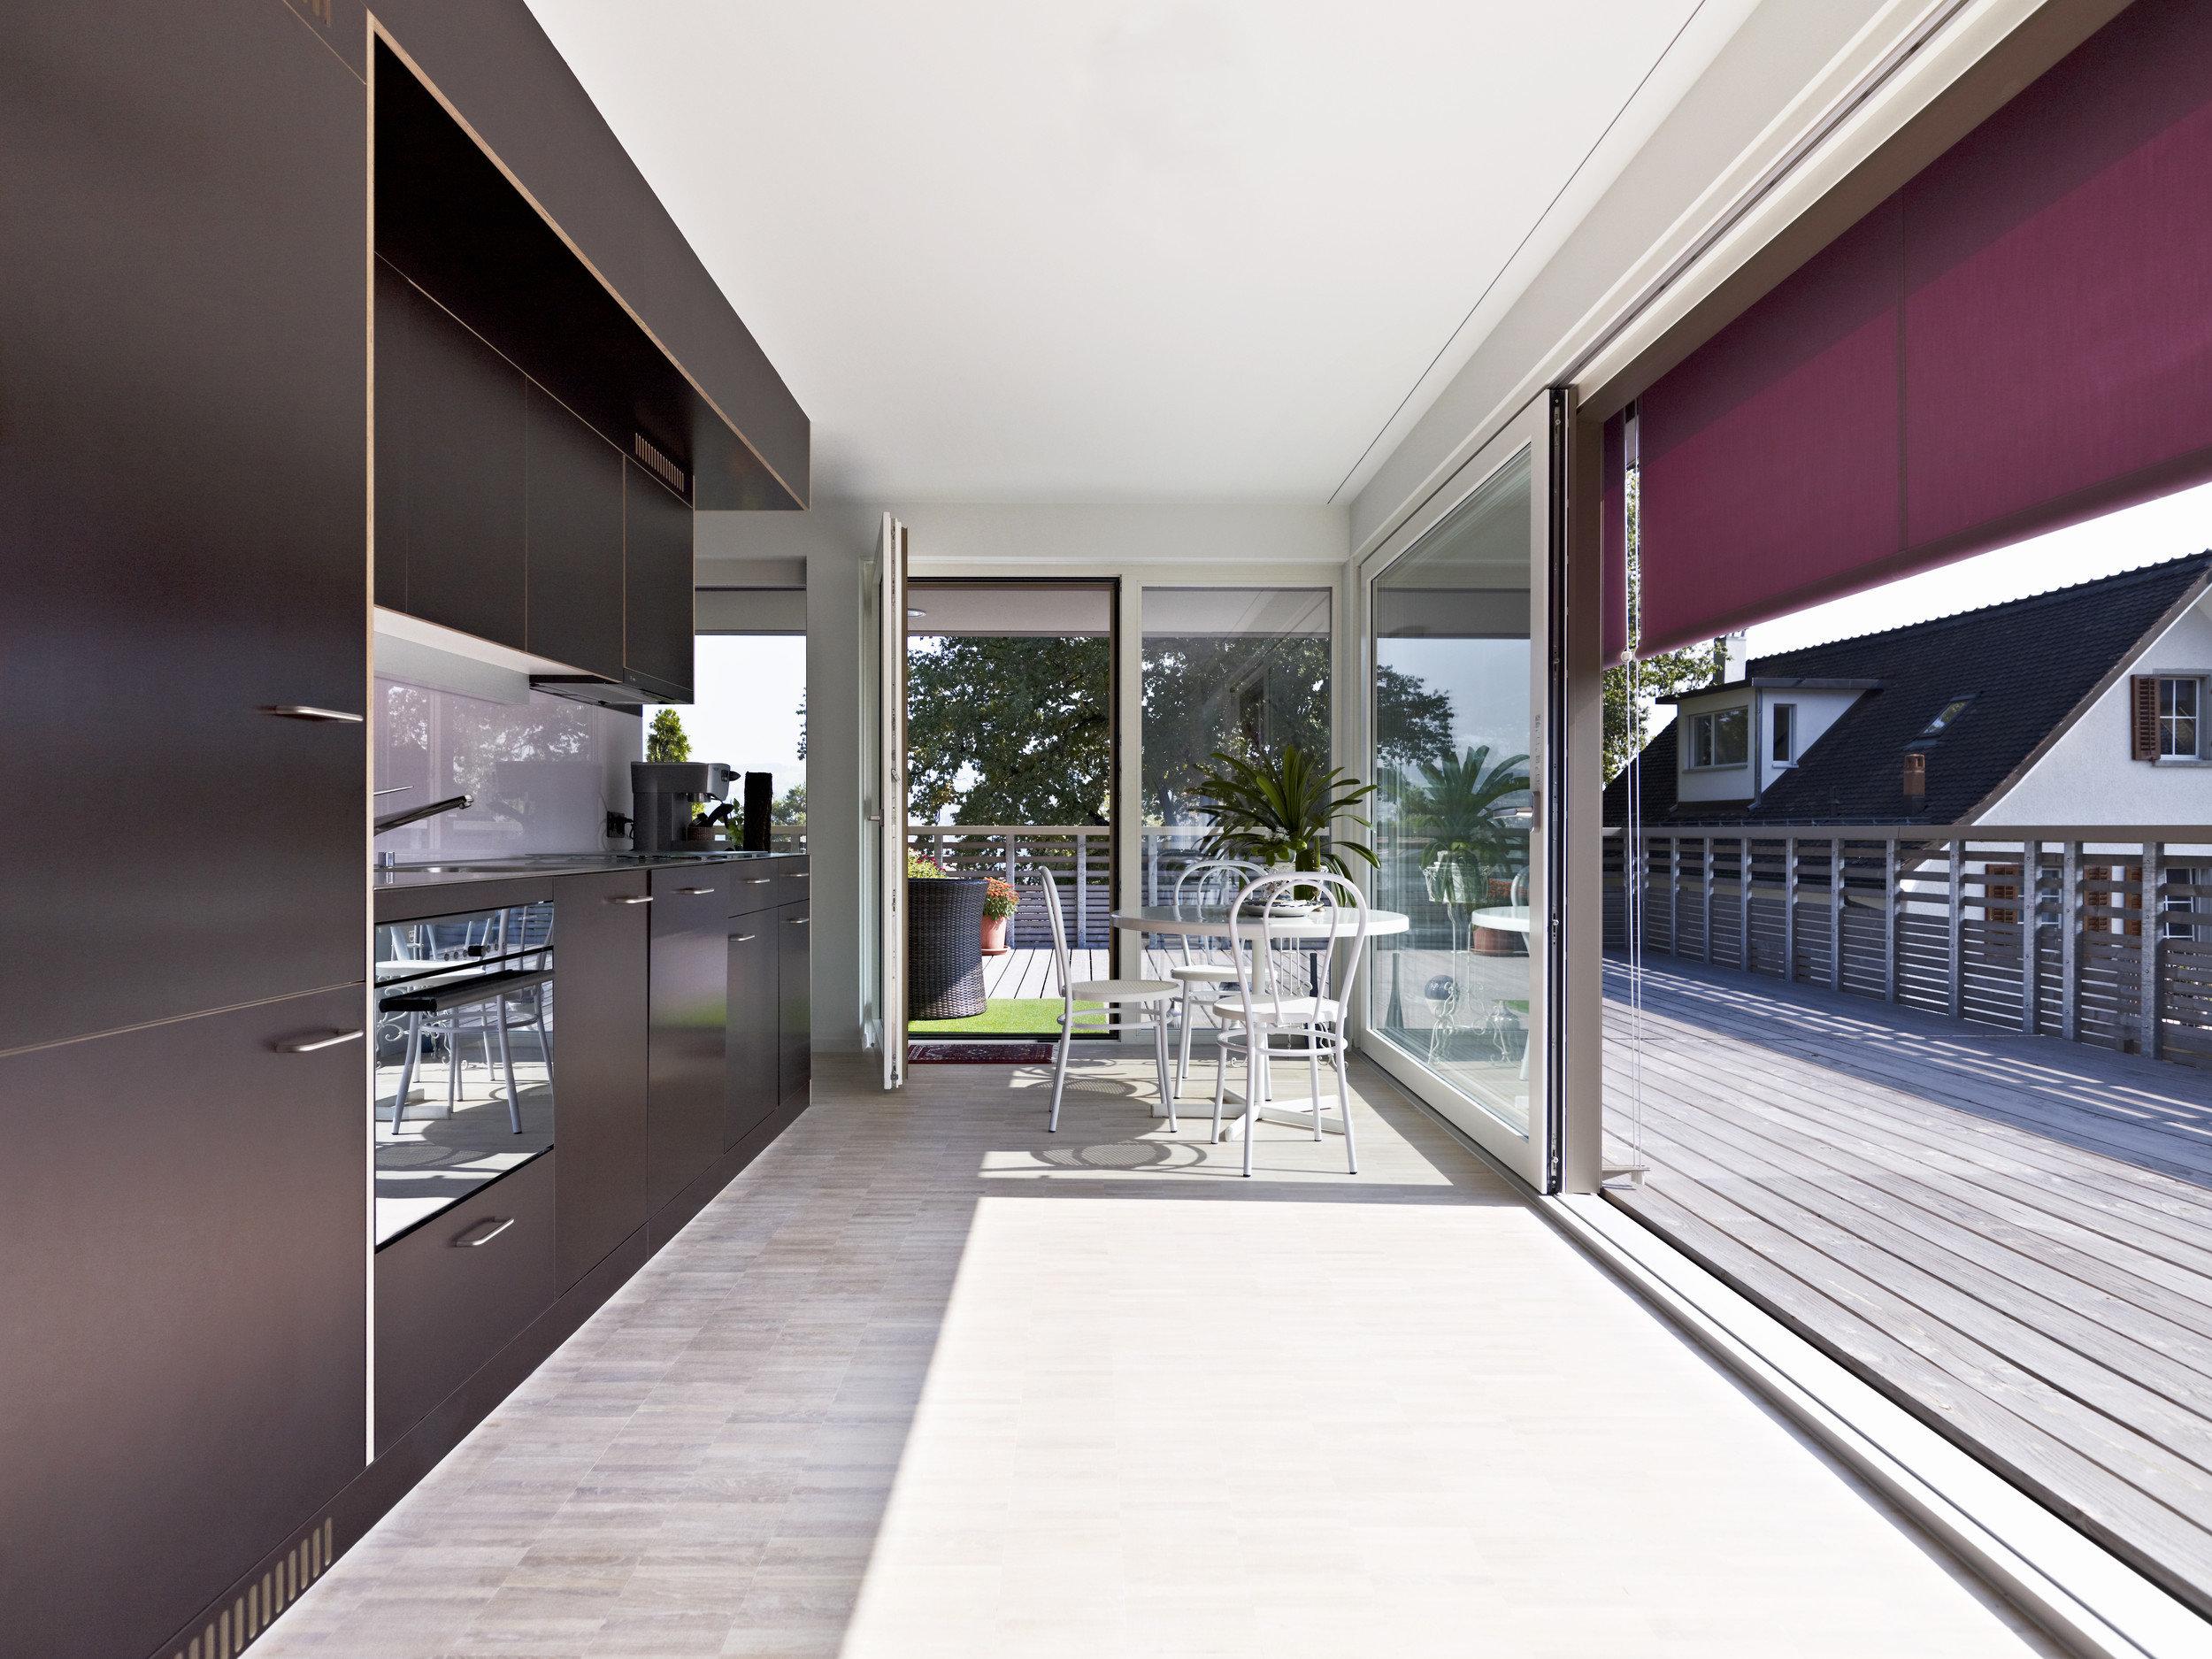 Einbauküche aus Holz und grosser Hebe-Schiebetür mit Esszimmerfläche